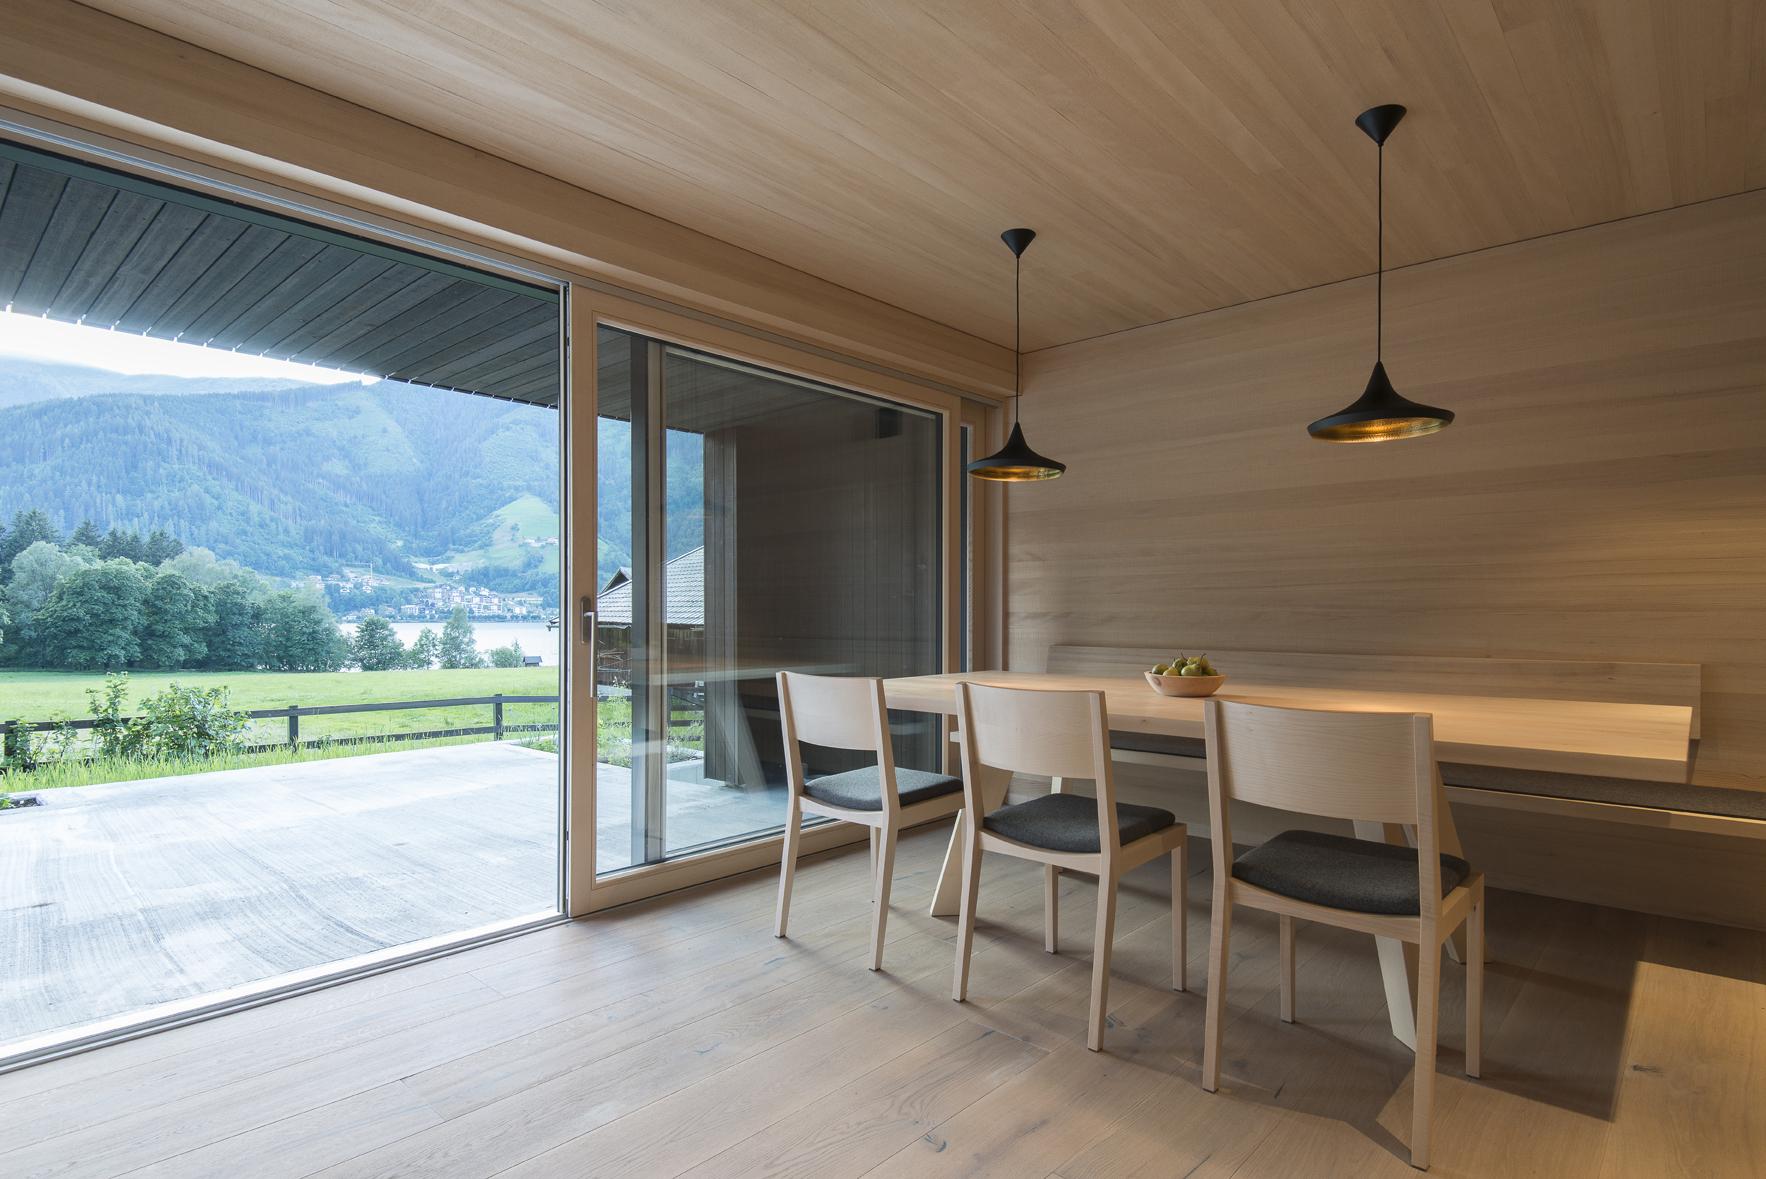 Modern und nachhaltig: Das Einfamilienhaus in Thumersbach öffnet sich zum Zeller See.